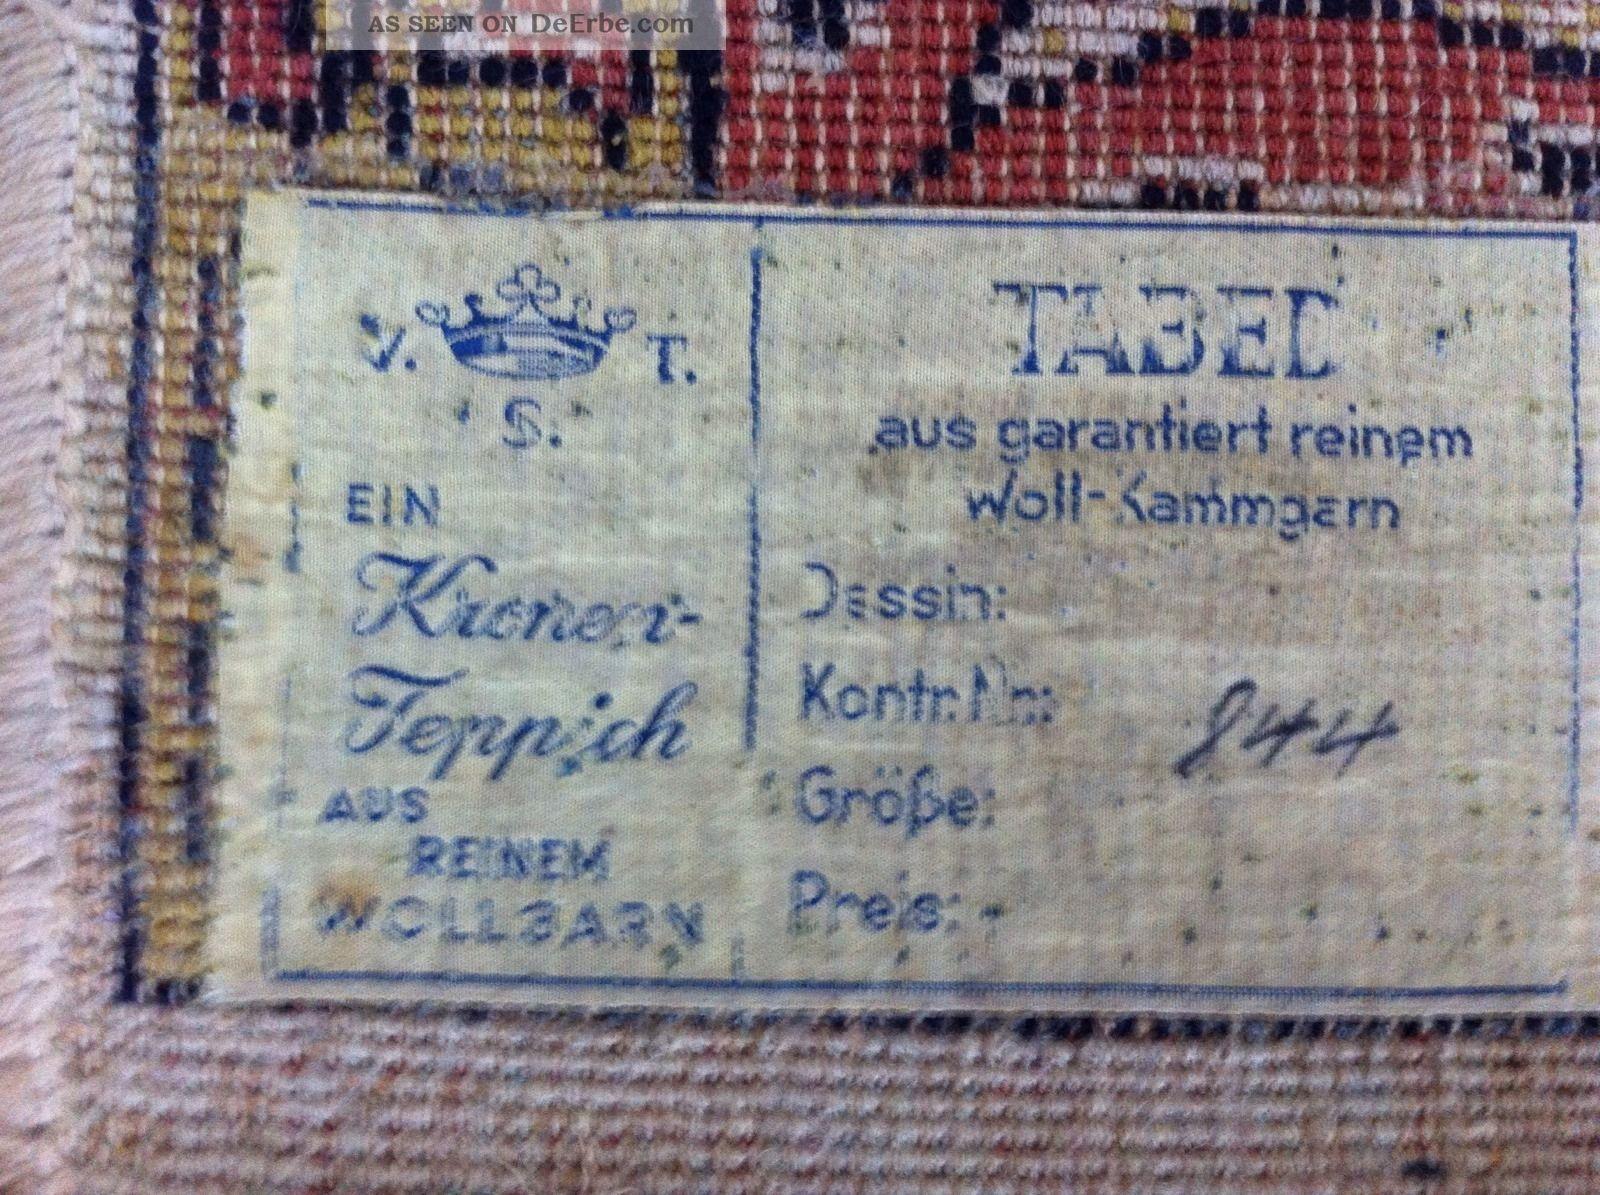 Teppich, Keine Ahnung, An Selbstabholer In Karlsruhe